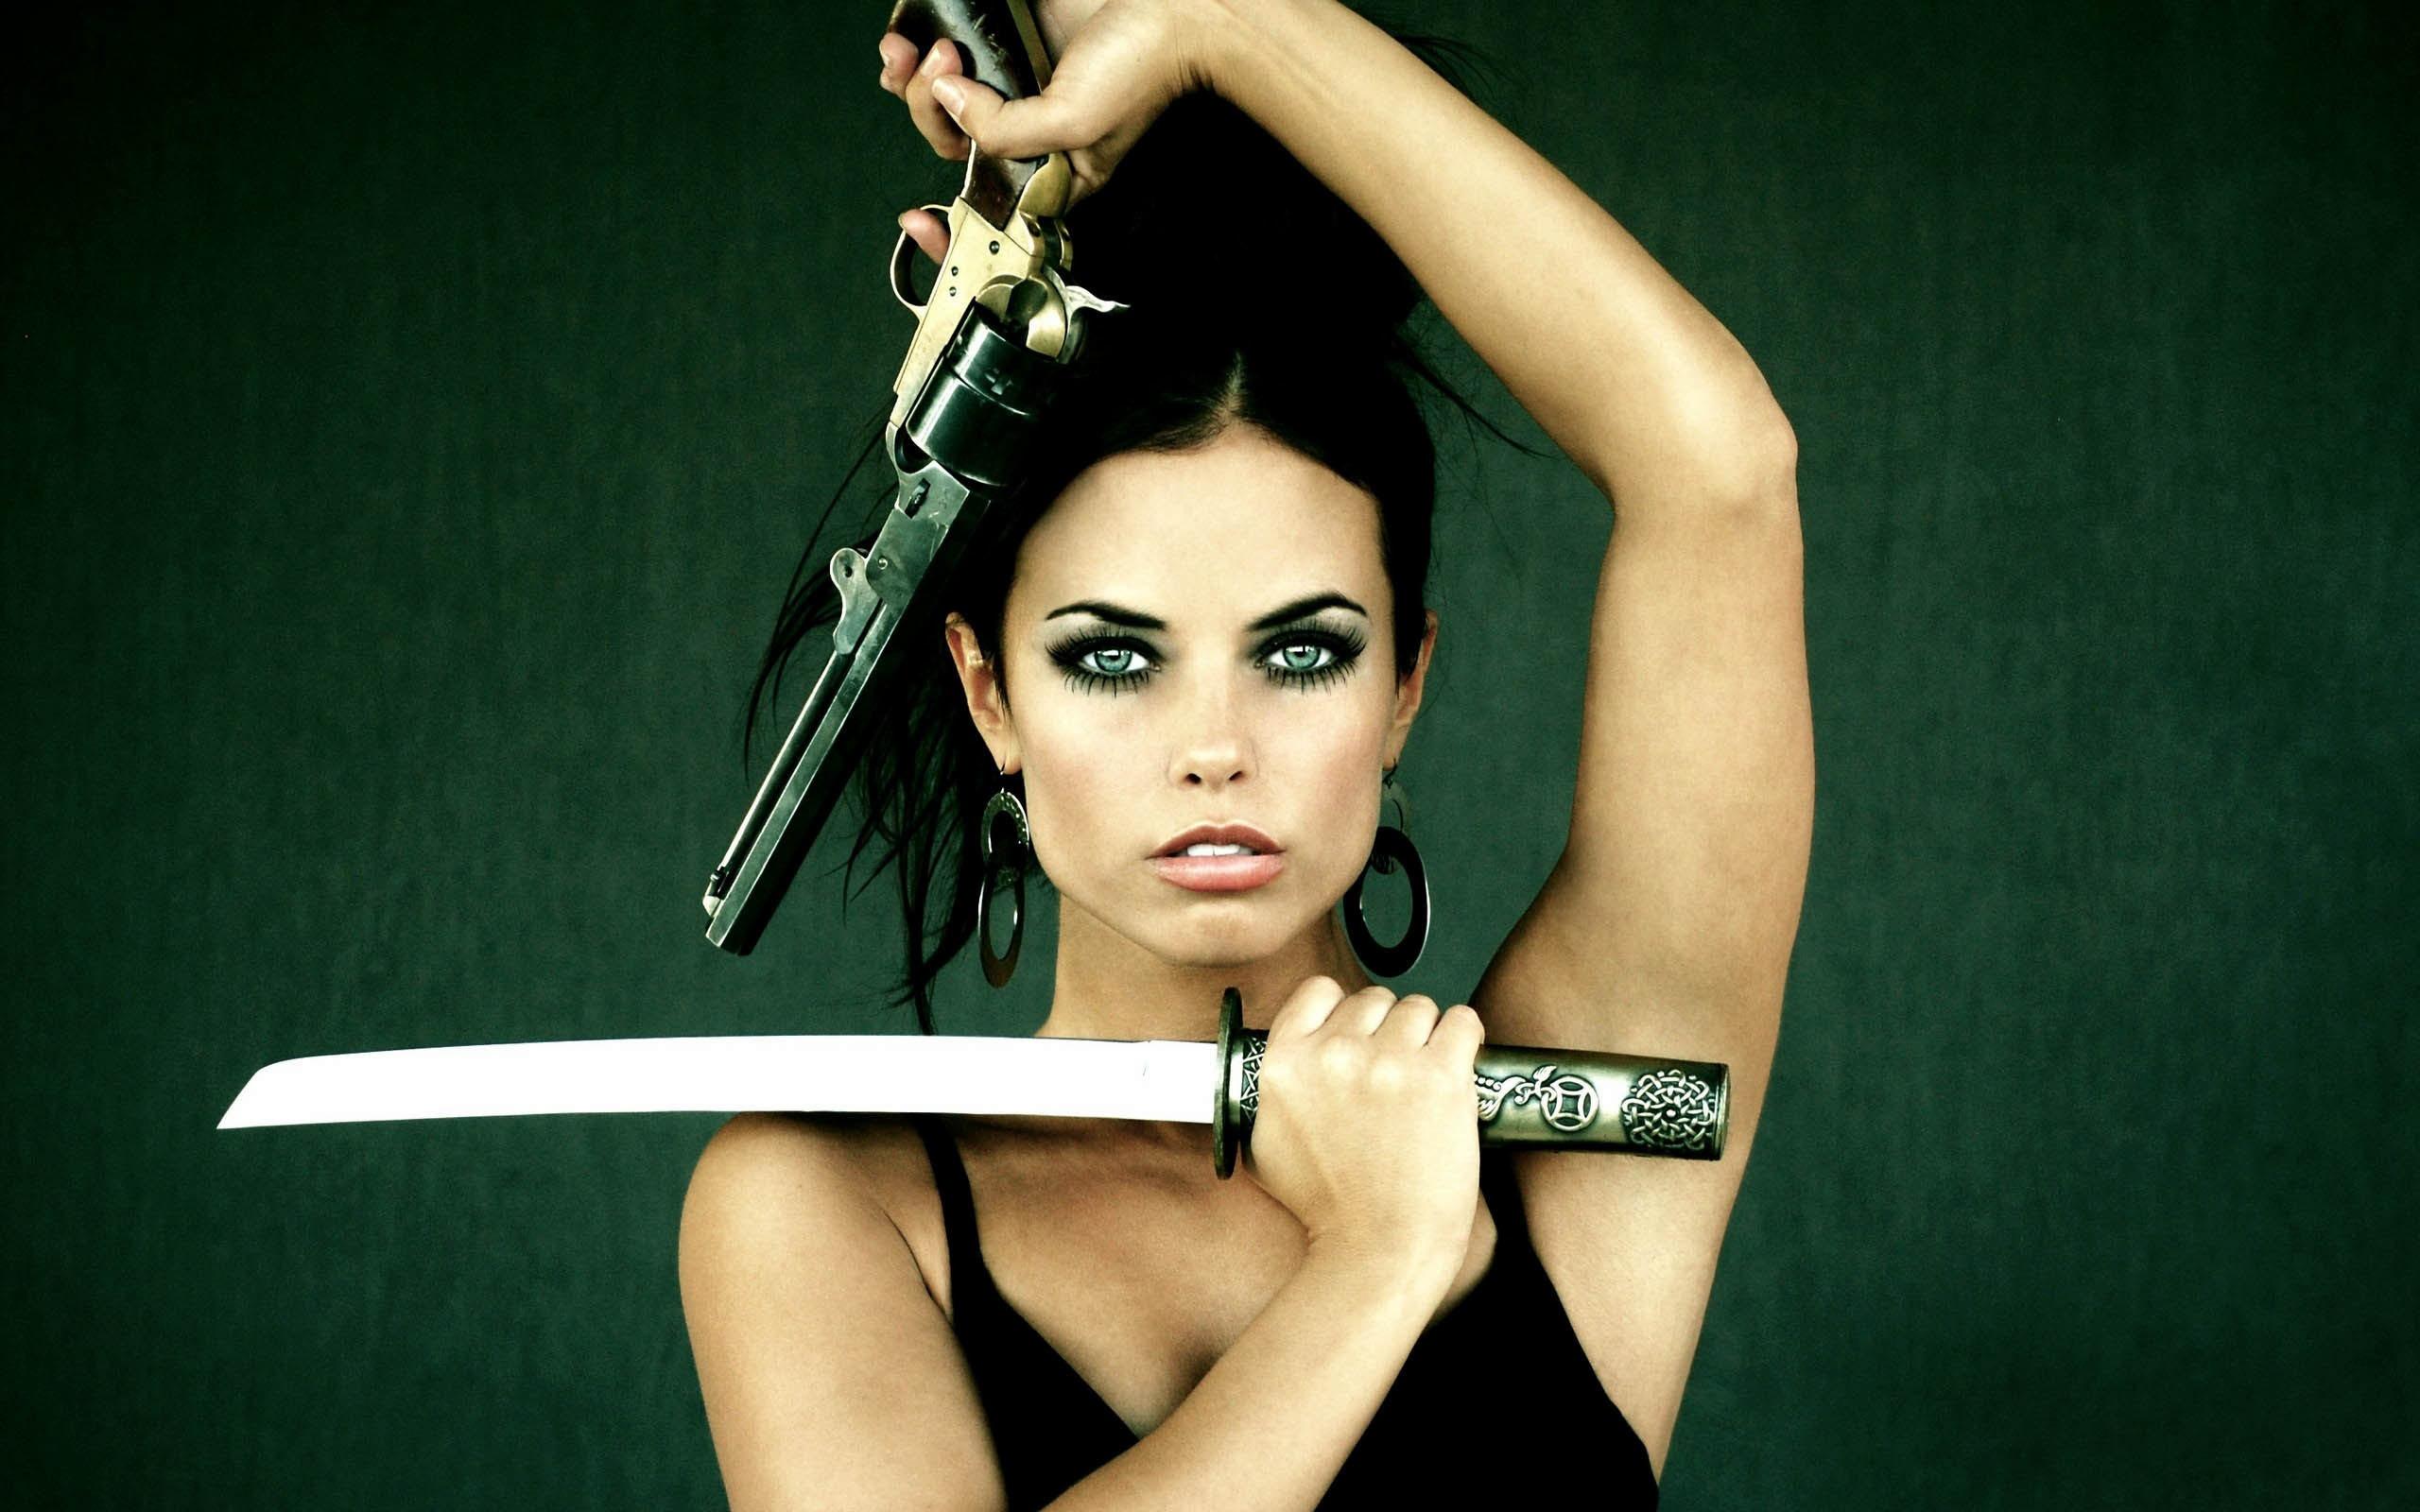 девушка с катаной и с пистолетом, скачать фото, обои для рабочего стола